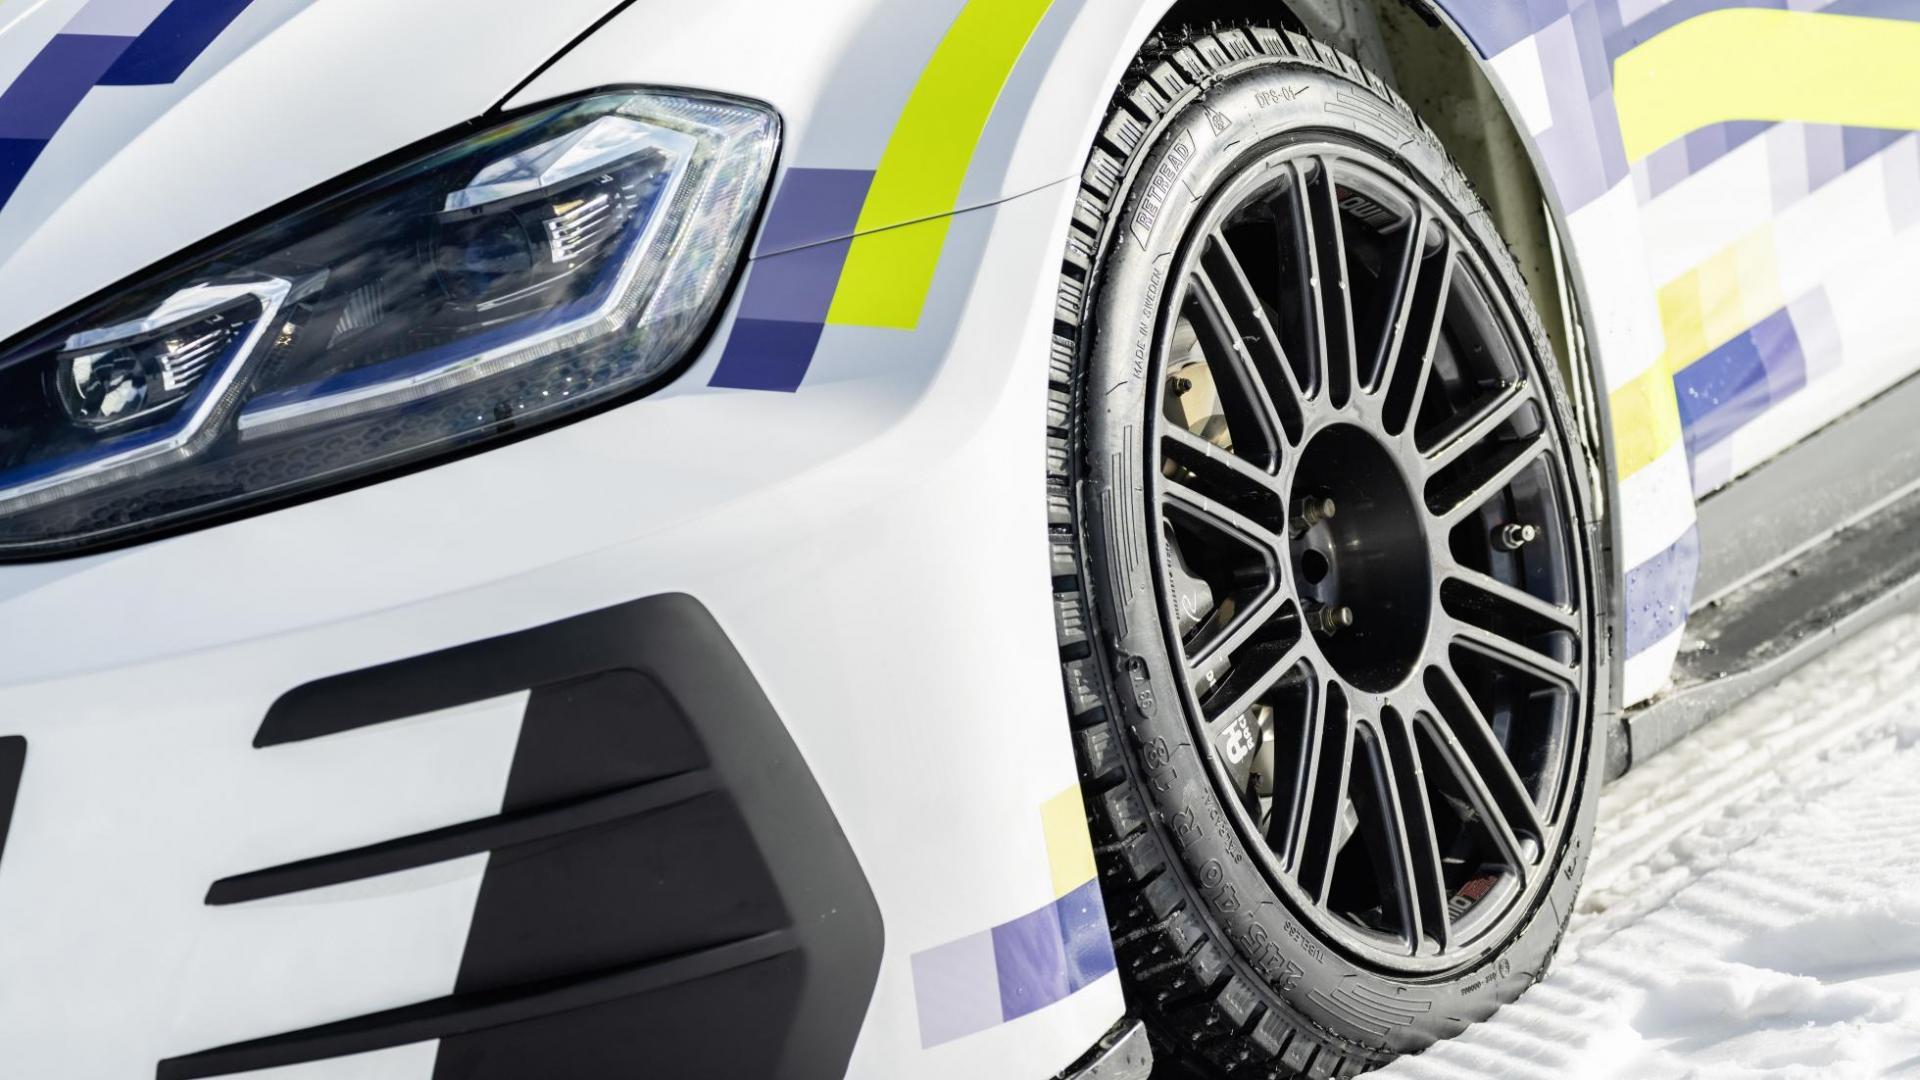 VW Golf met ID R-motoren eR1 ijs sneeuw ijsrijden wiel velg band